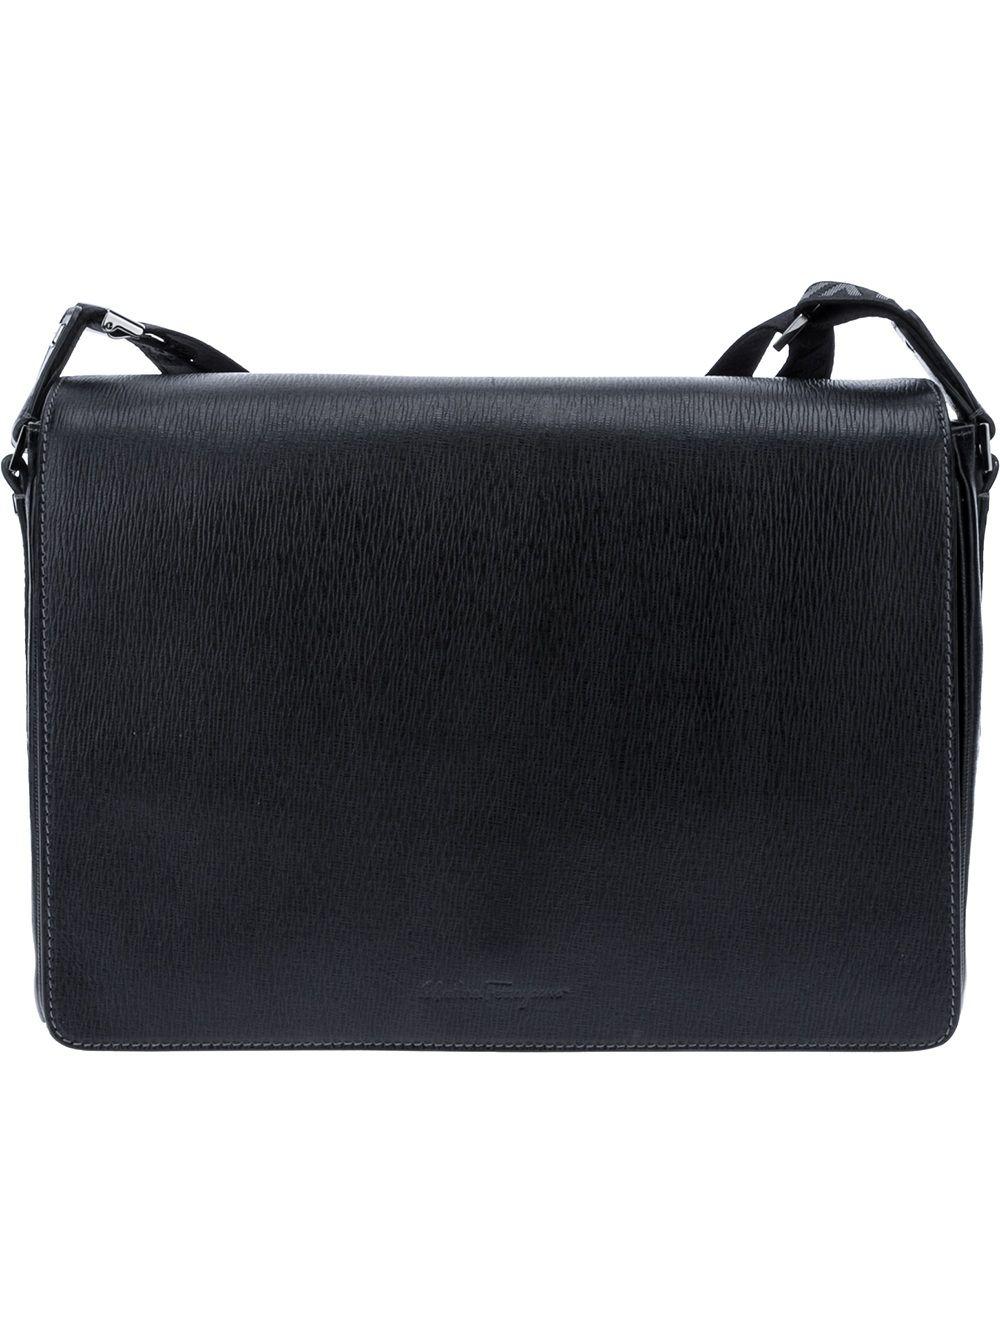 392b1da0d3 Salvatore Ferragamo  Revival  Messenger Bag - Stefania Mode - farfetch.com